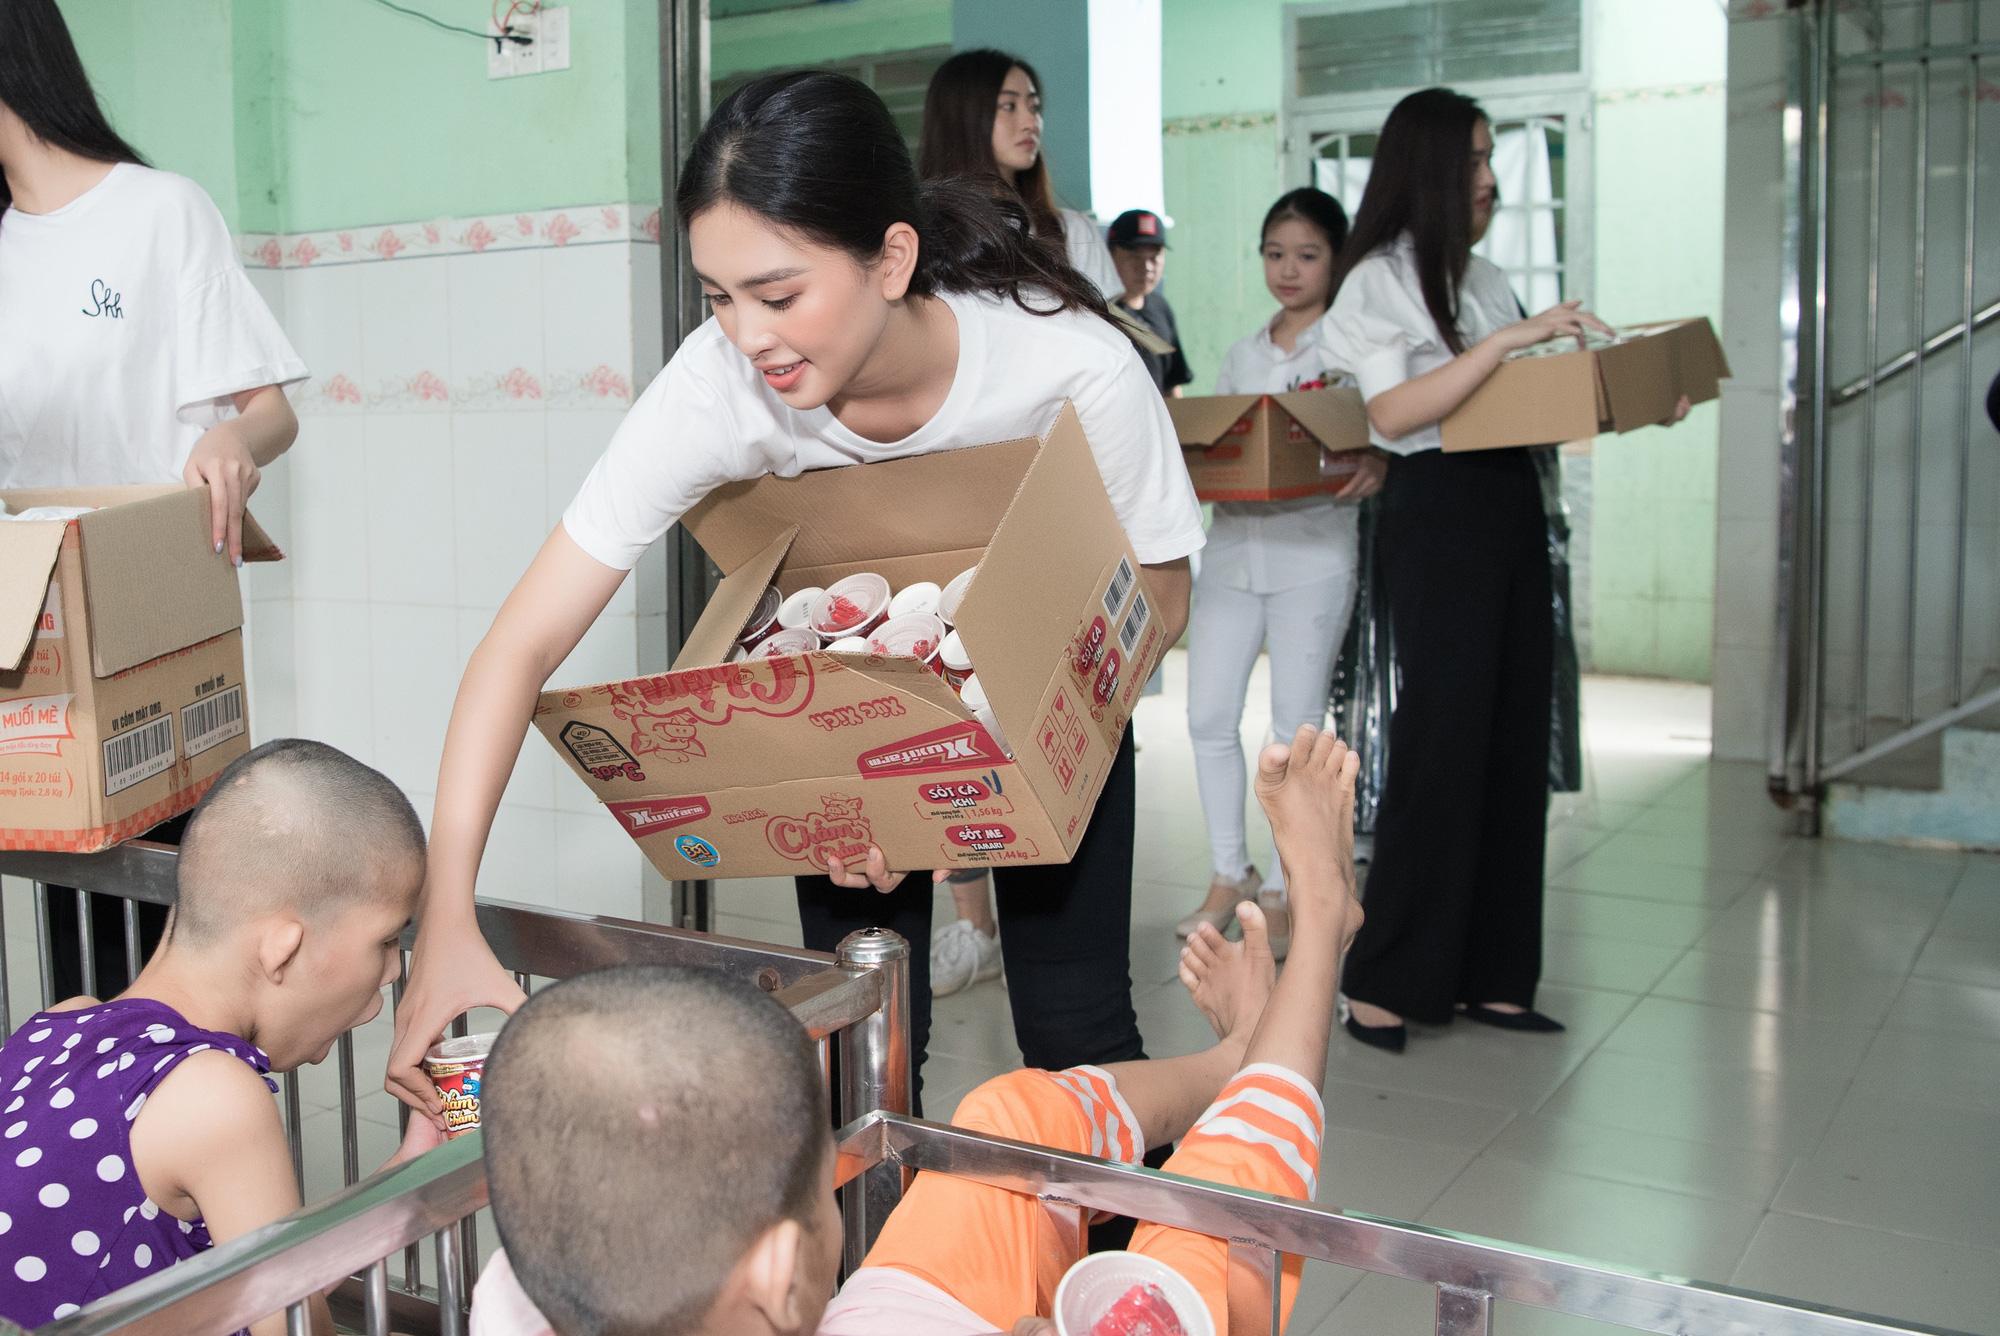 Lương Thuỳ Linh, Trần Tiểu Vy mặc giản dị xinh đẹp tặng quà cho trẻ em mồ côi ngày Quốc tế Thiếu nhi - Ảnh 7.